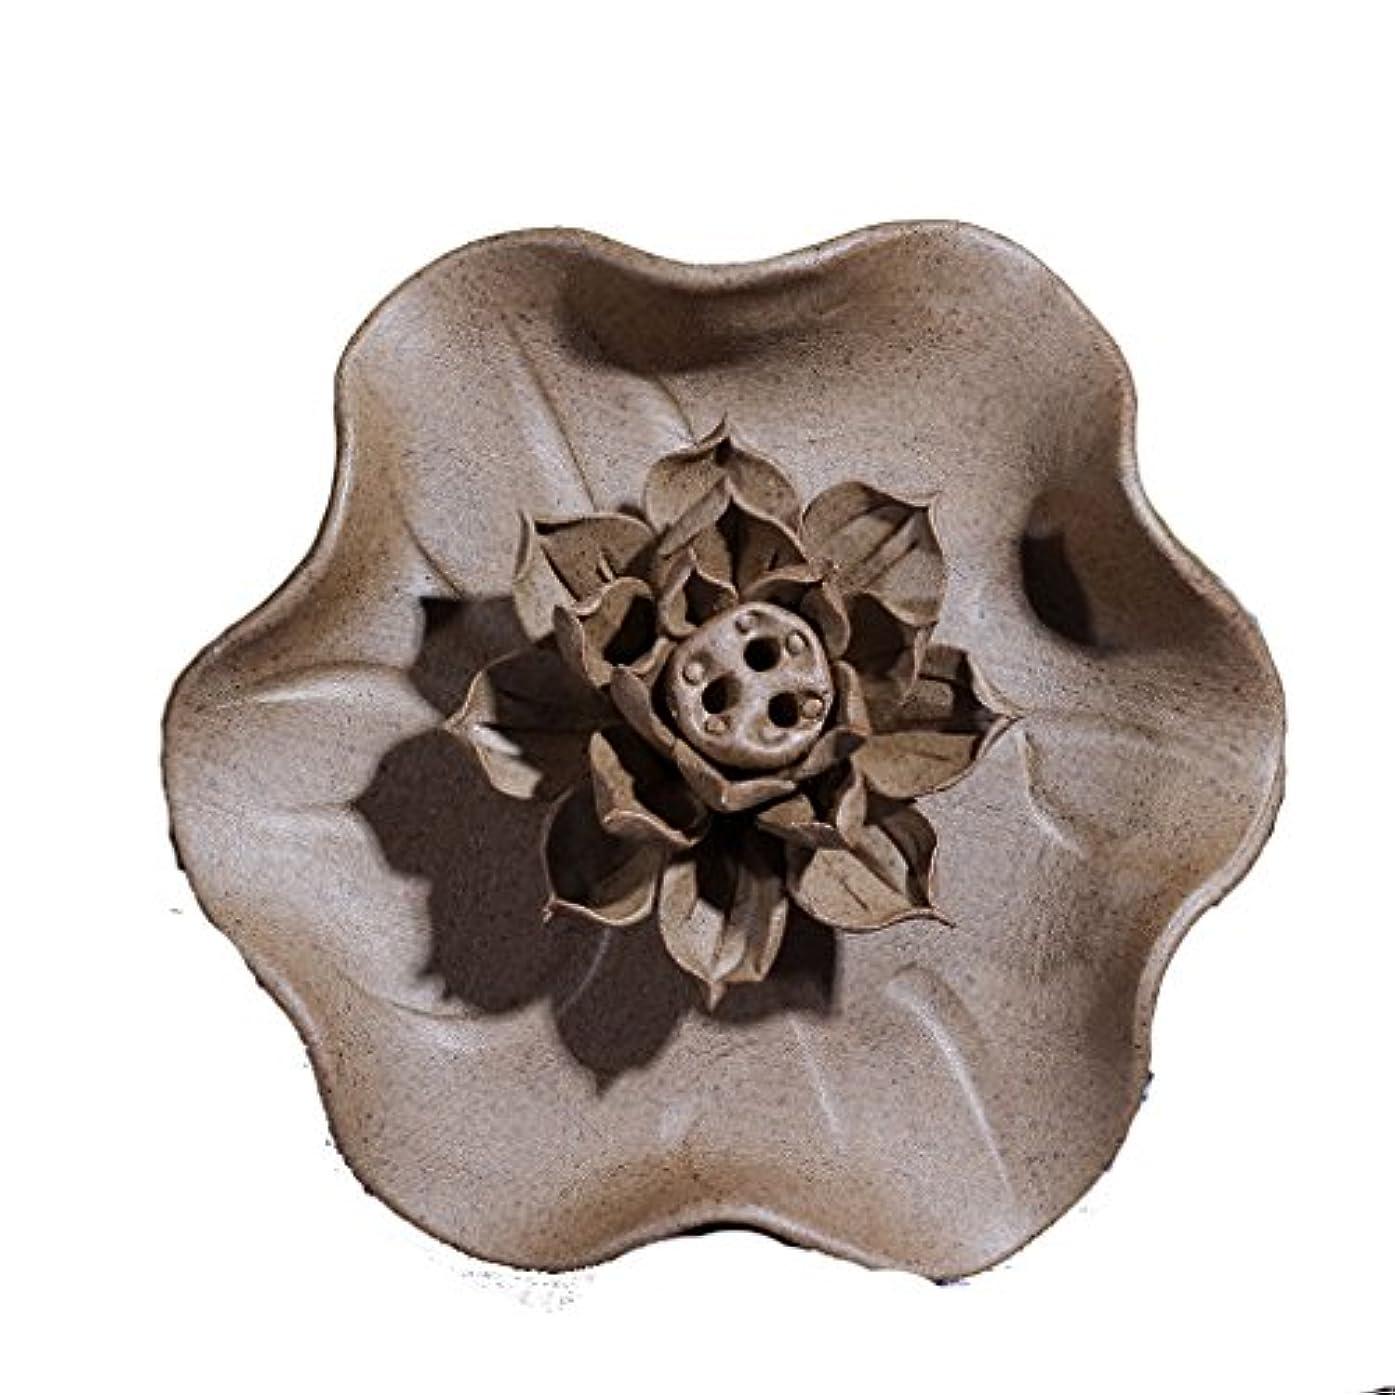 戦艦遺体安置所コミットメント(ラシューバー) Lasuiveur 香炉 線香立て 香立て 職人さんの手作り 茶道用品 おしゃれ  木製 透かし彫り